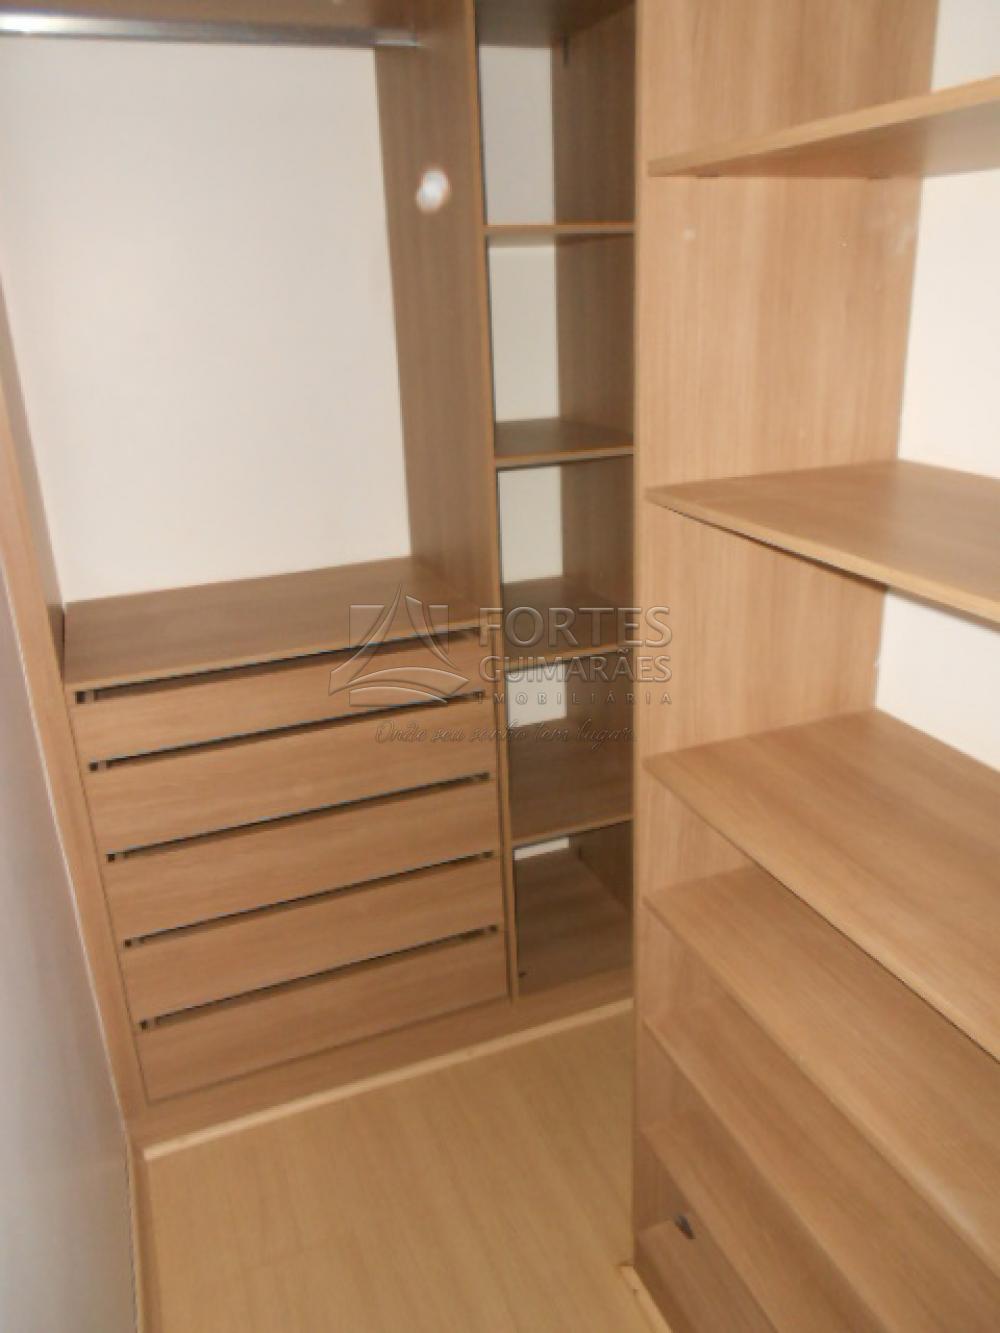 Alugar Apartamentos / Cobertura em Ribeirão Preto apenas R$ 1.000,00 - Foto 26